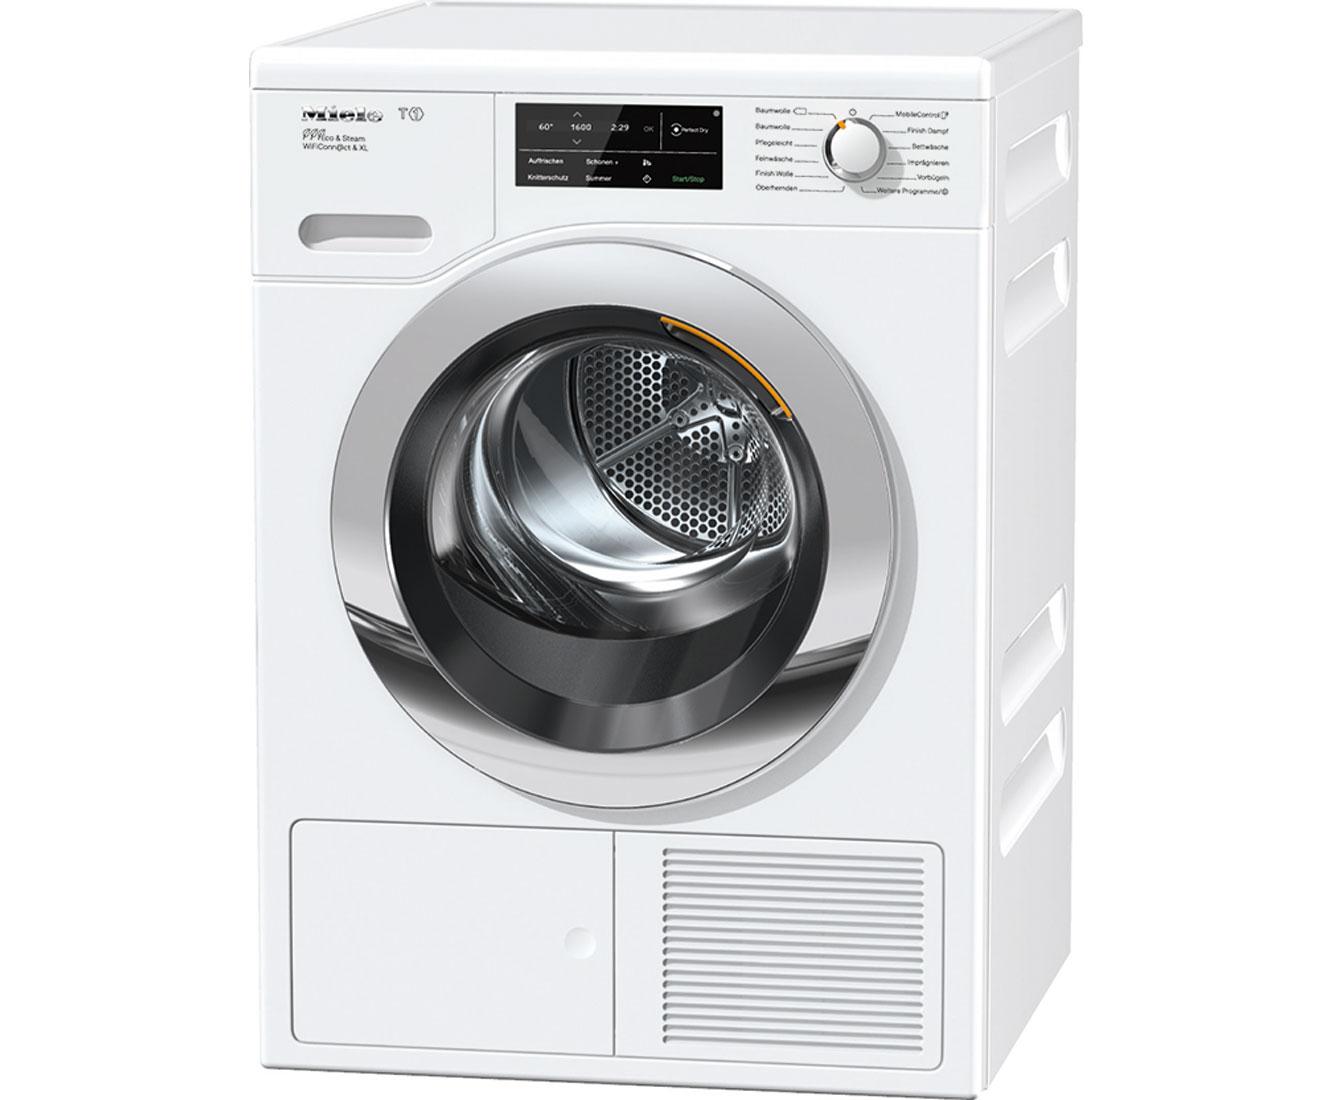 Waschmaschinen und trockner » weiss metall wärmepumpentrockner